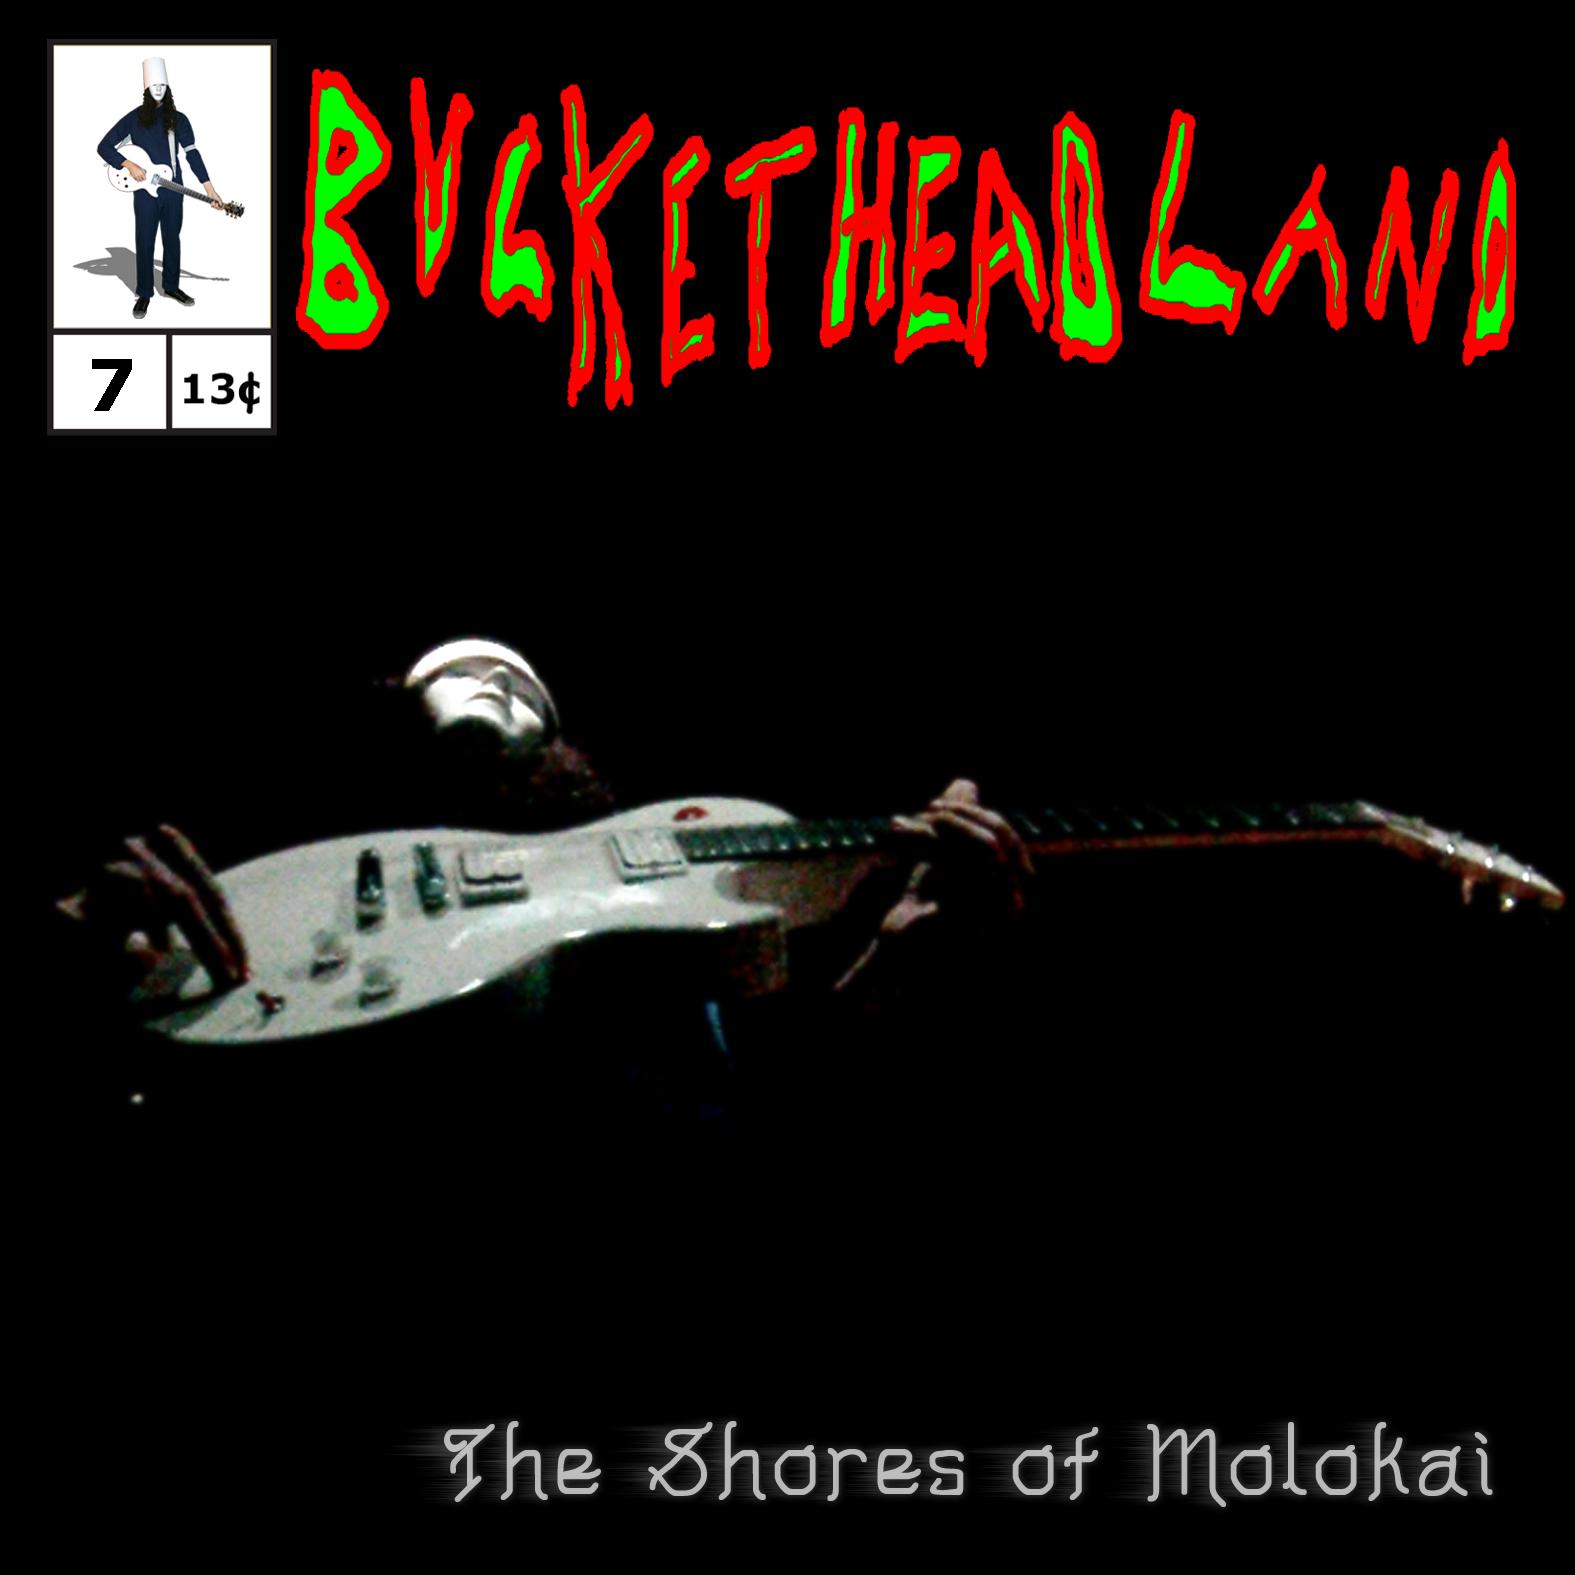 Resultado de imagen para The Shores Of Molokai buckethead